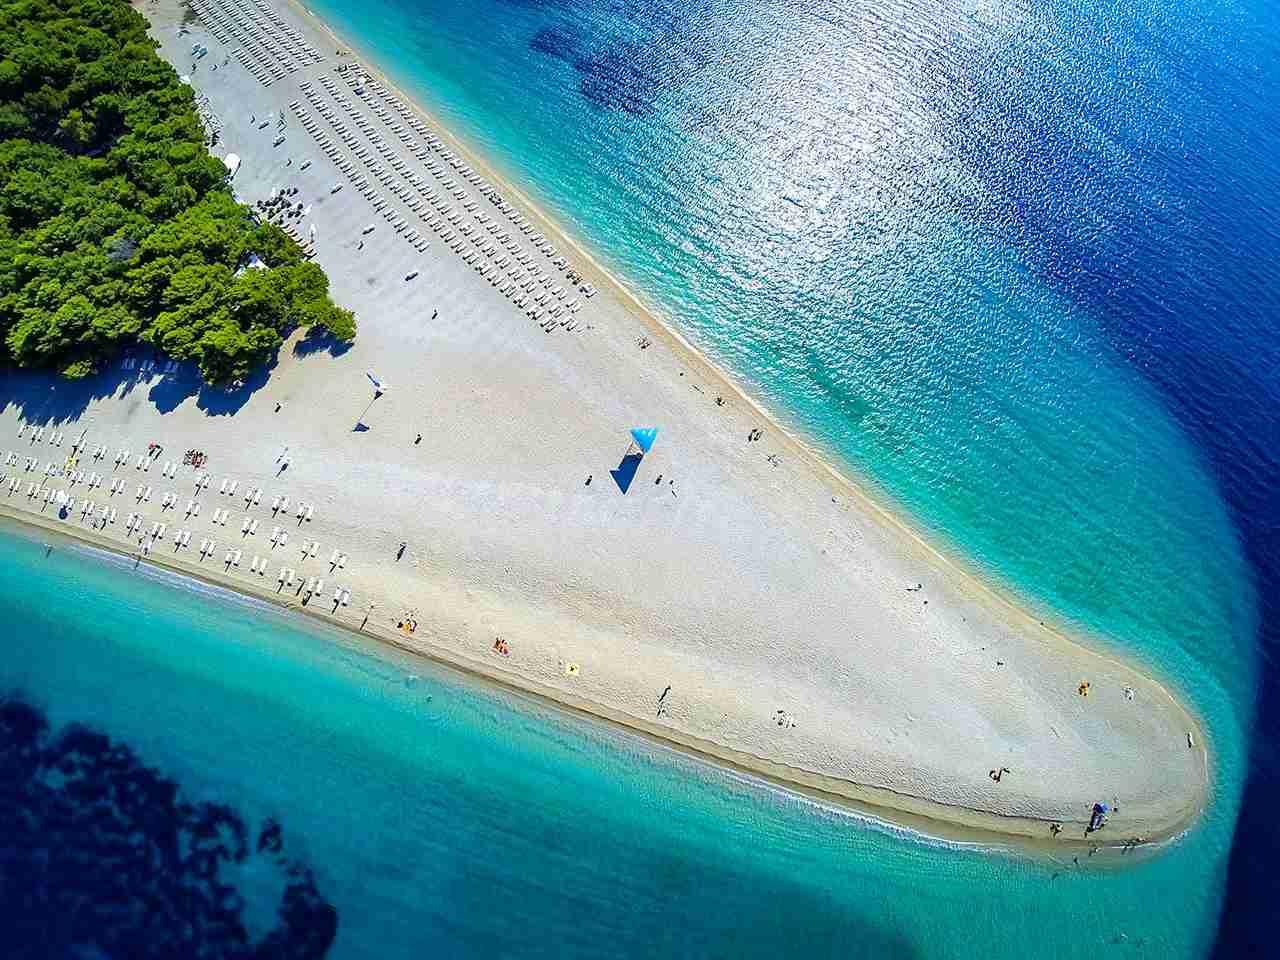 Zlatni rat beach, Bol, Brac island, Dalmatia, Croatia. (Photo by mbbirdy / Getty Images)